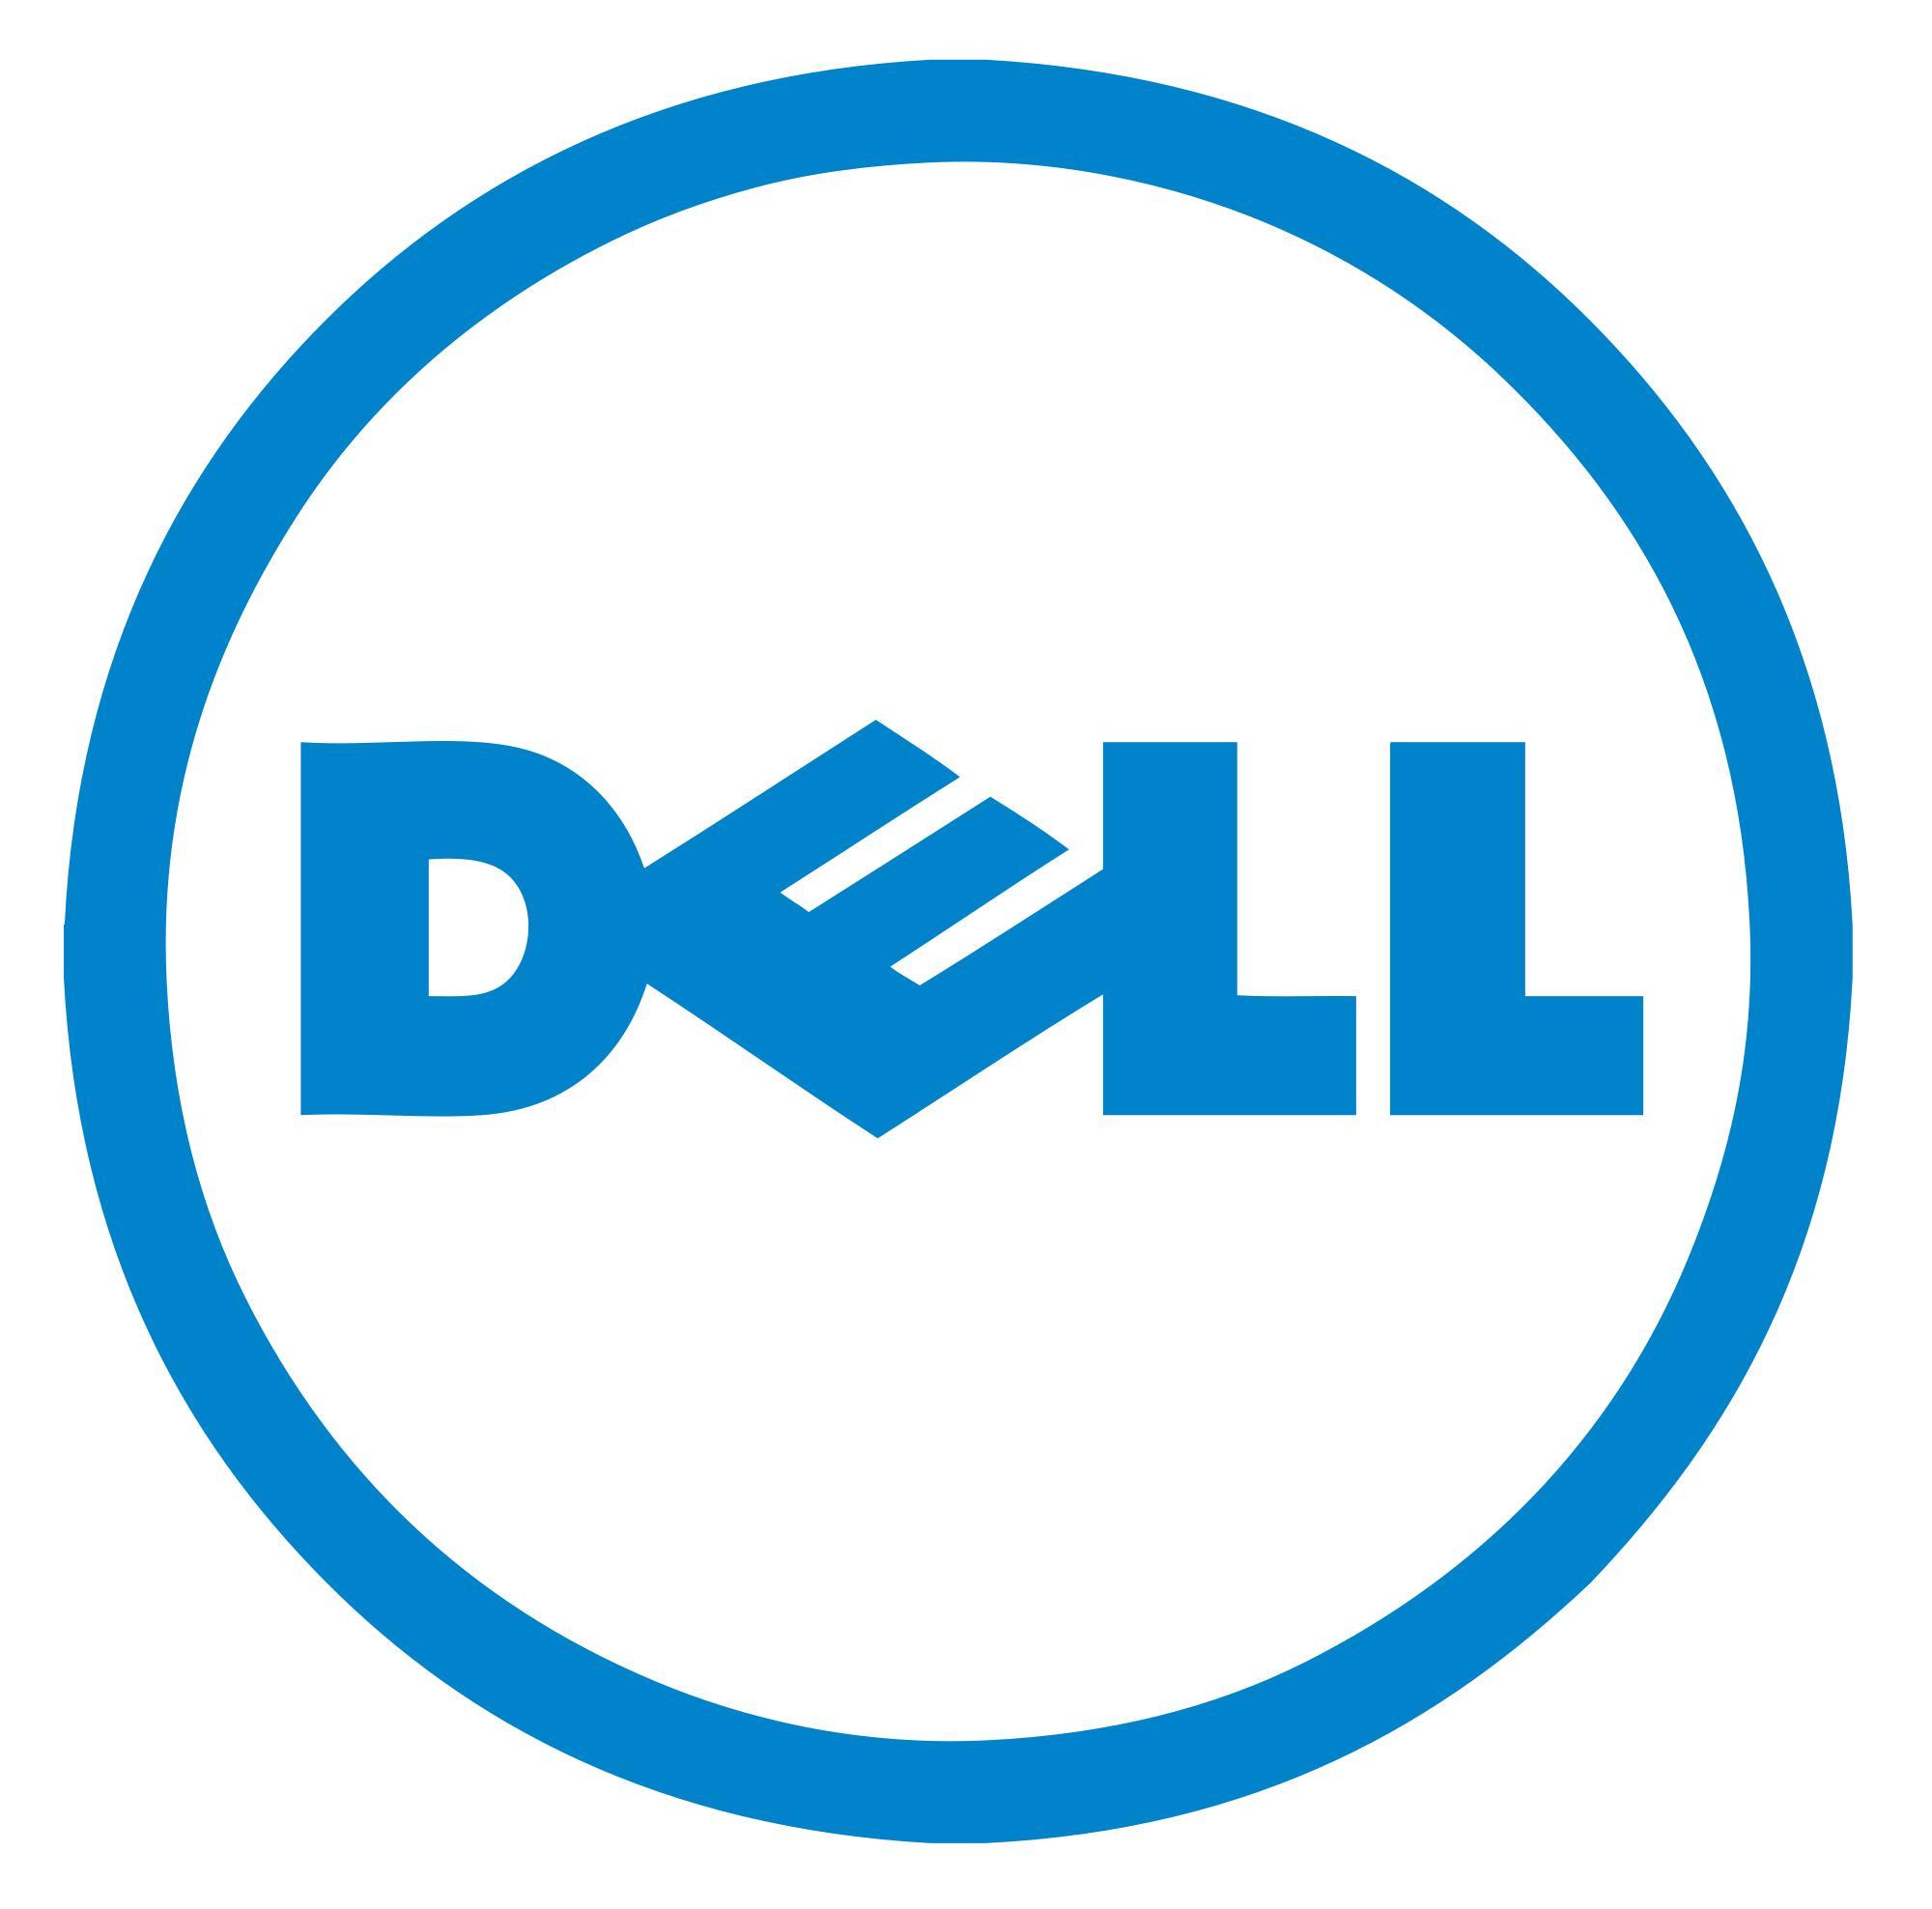 7% de réduction sur les Dell Inspiron et XPS de plus de 599€ sauf XPS12